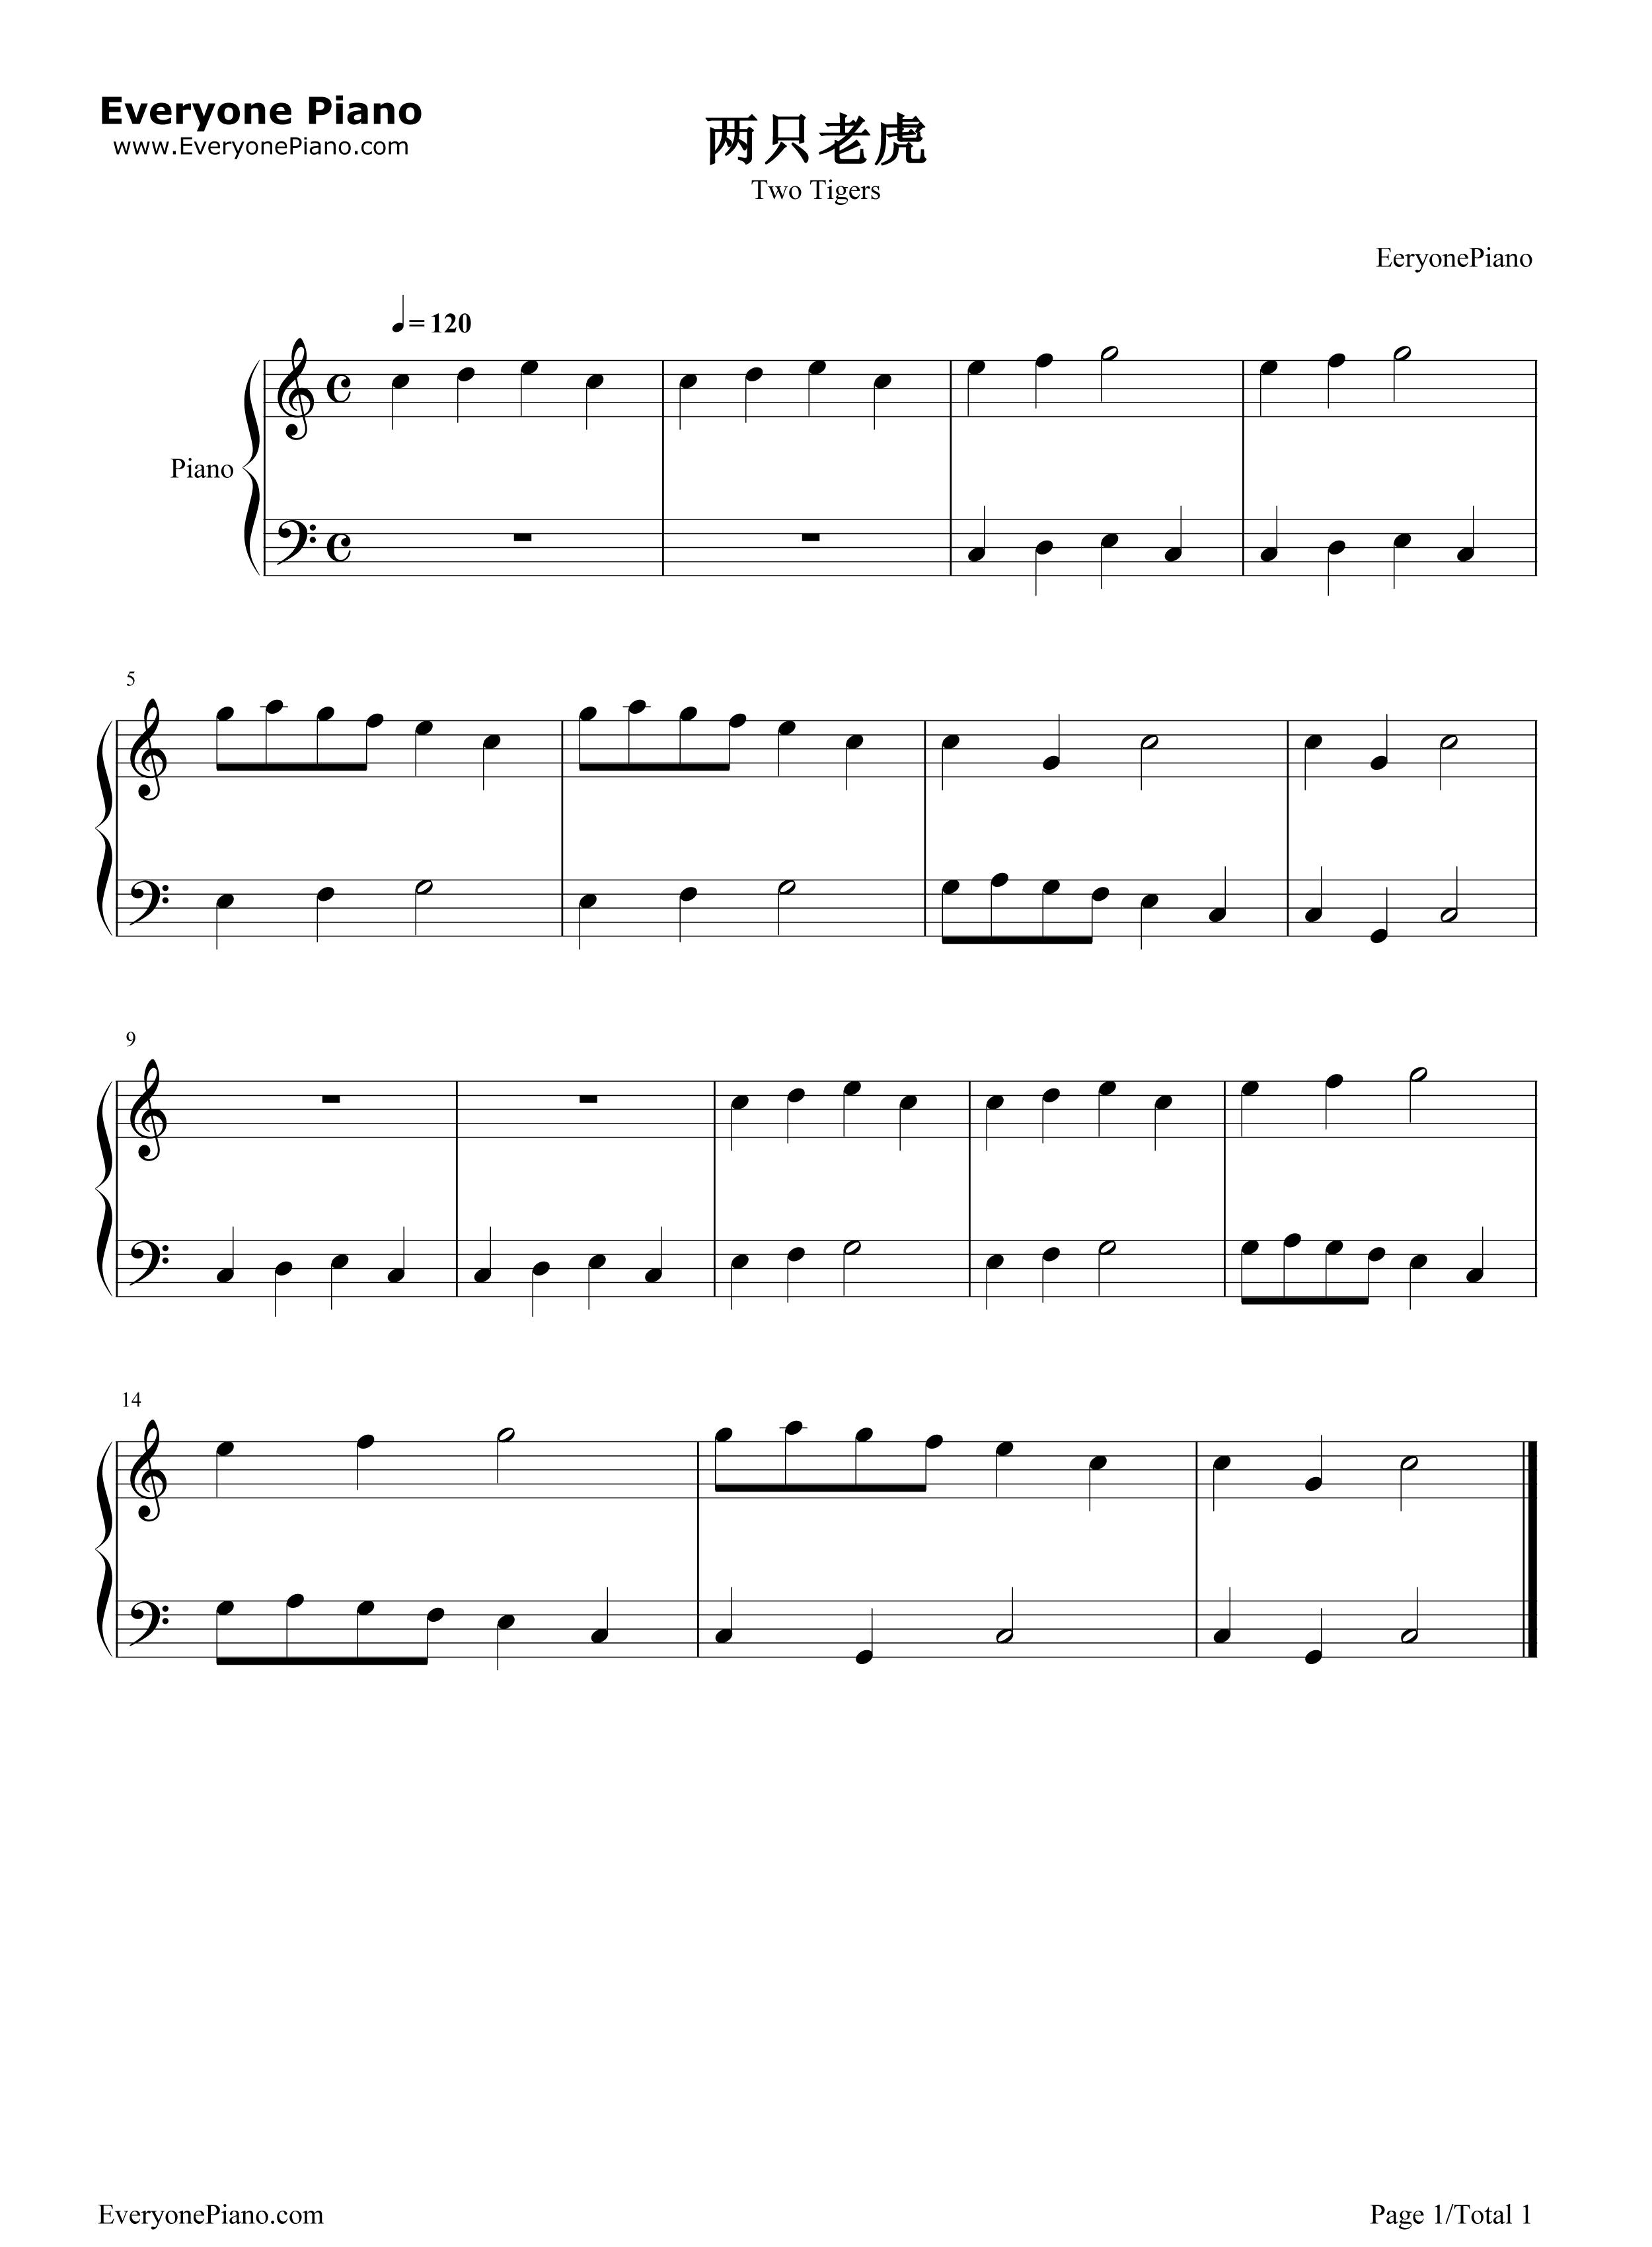 钢琴曲谱 儿歌 两只老虎 两只老虎五线谱预览1   仅供个人学习交流